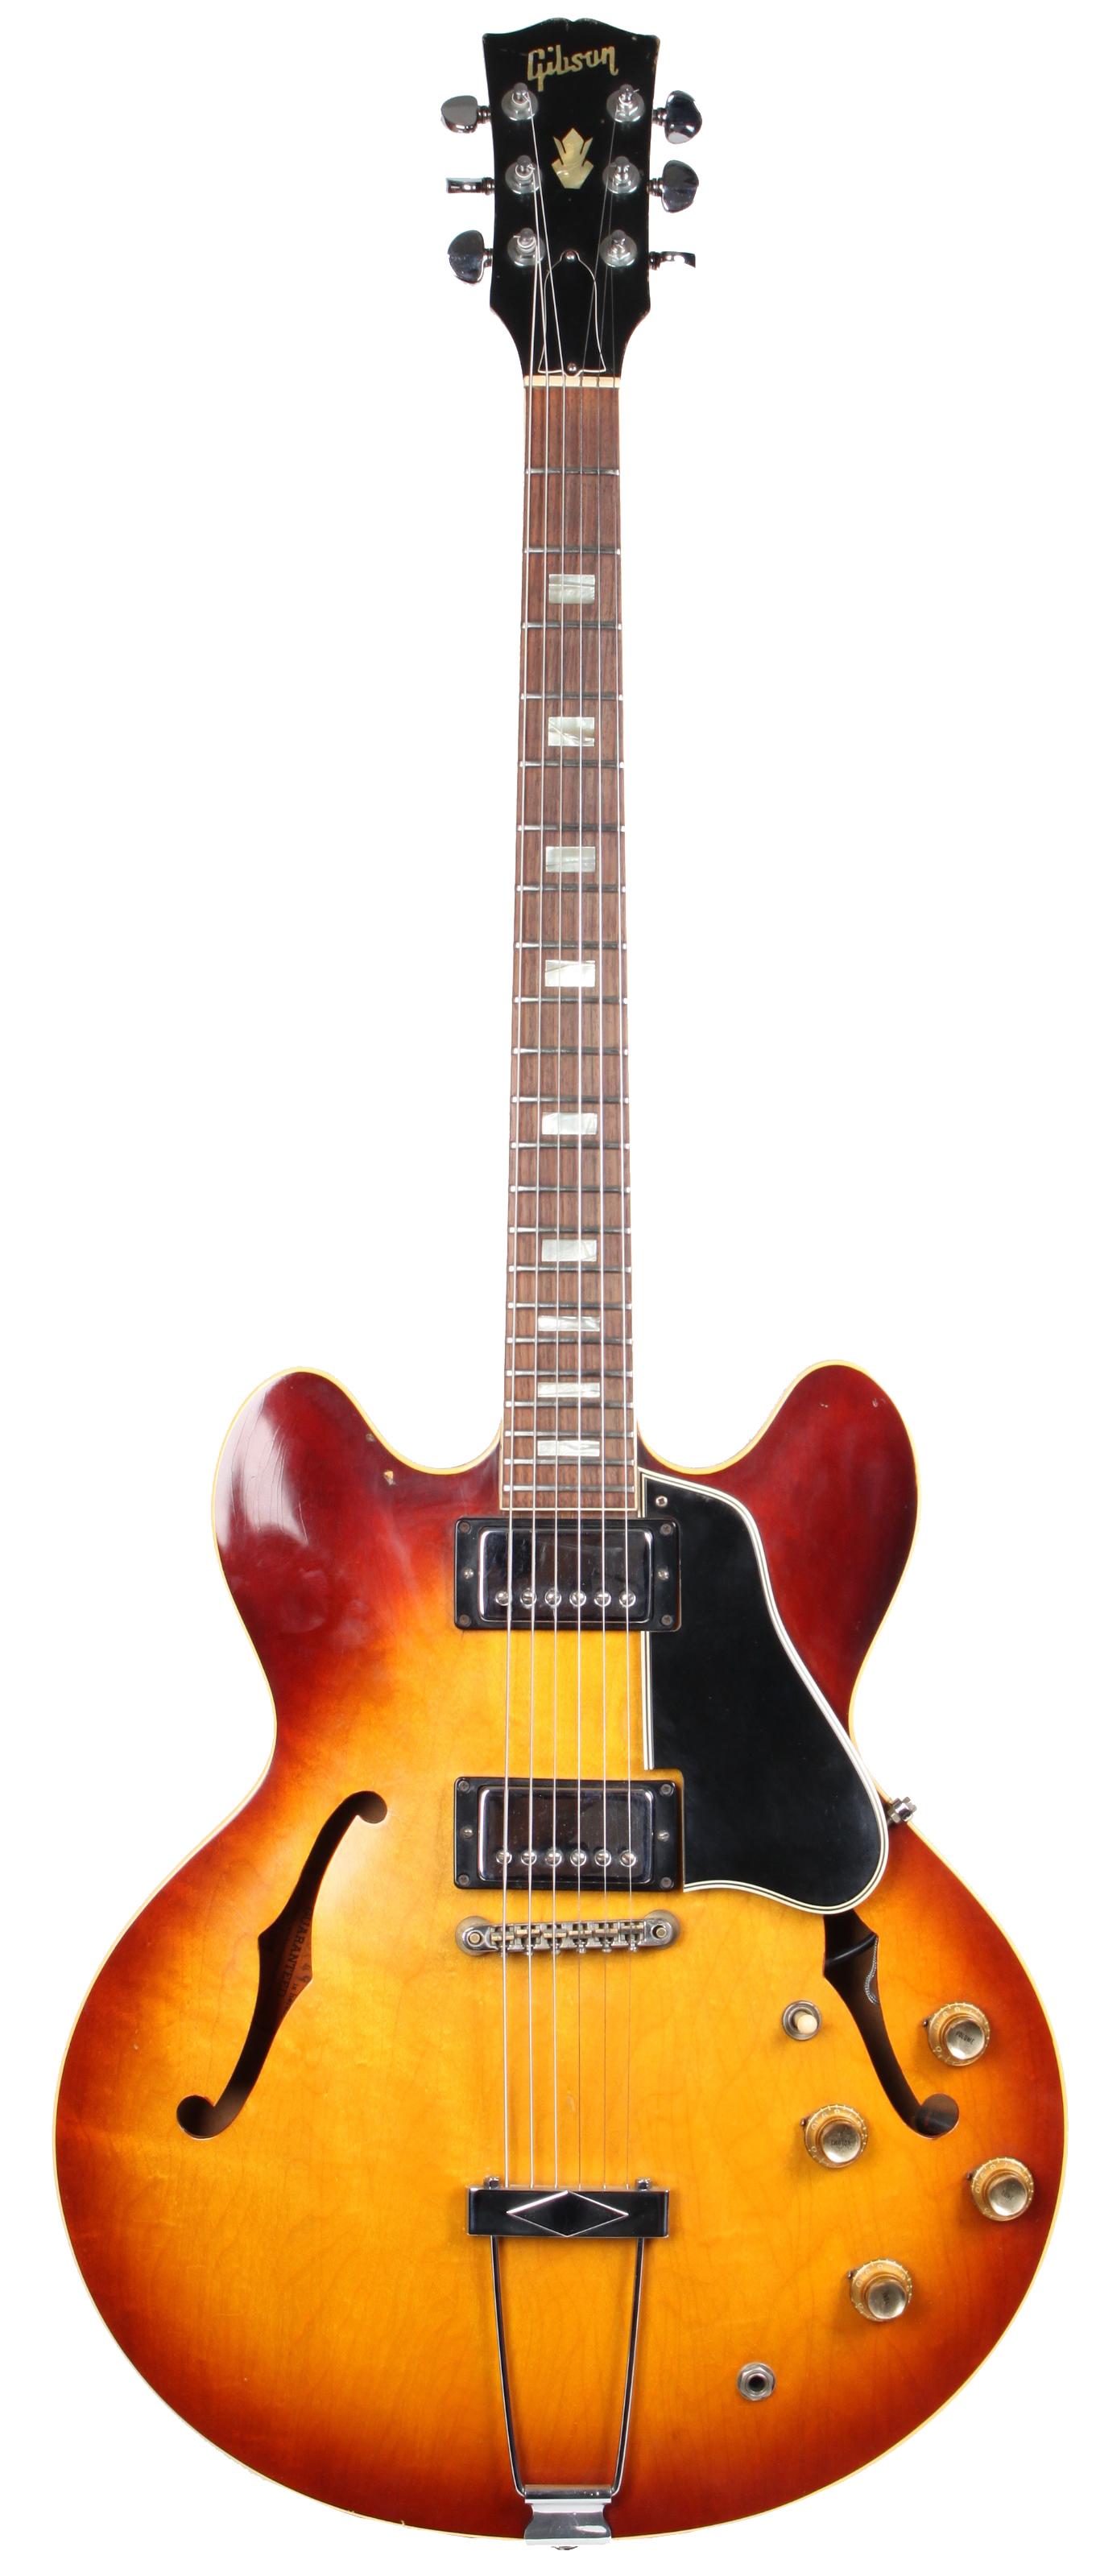 gibson es 335 tea burst 1966 e gitarren vintage mj guitars. Black Bedroom Furniture Sets. Home Design Ideas